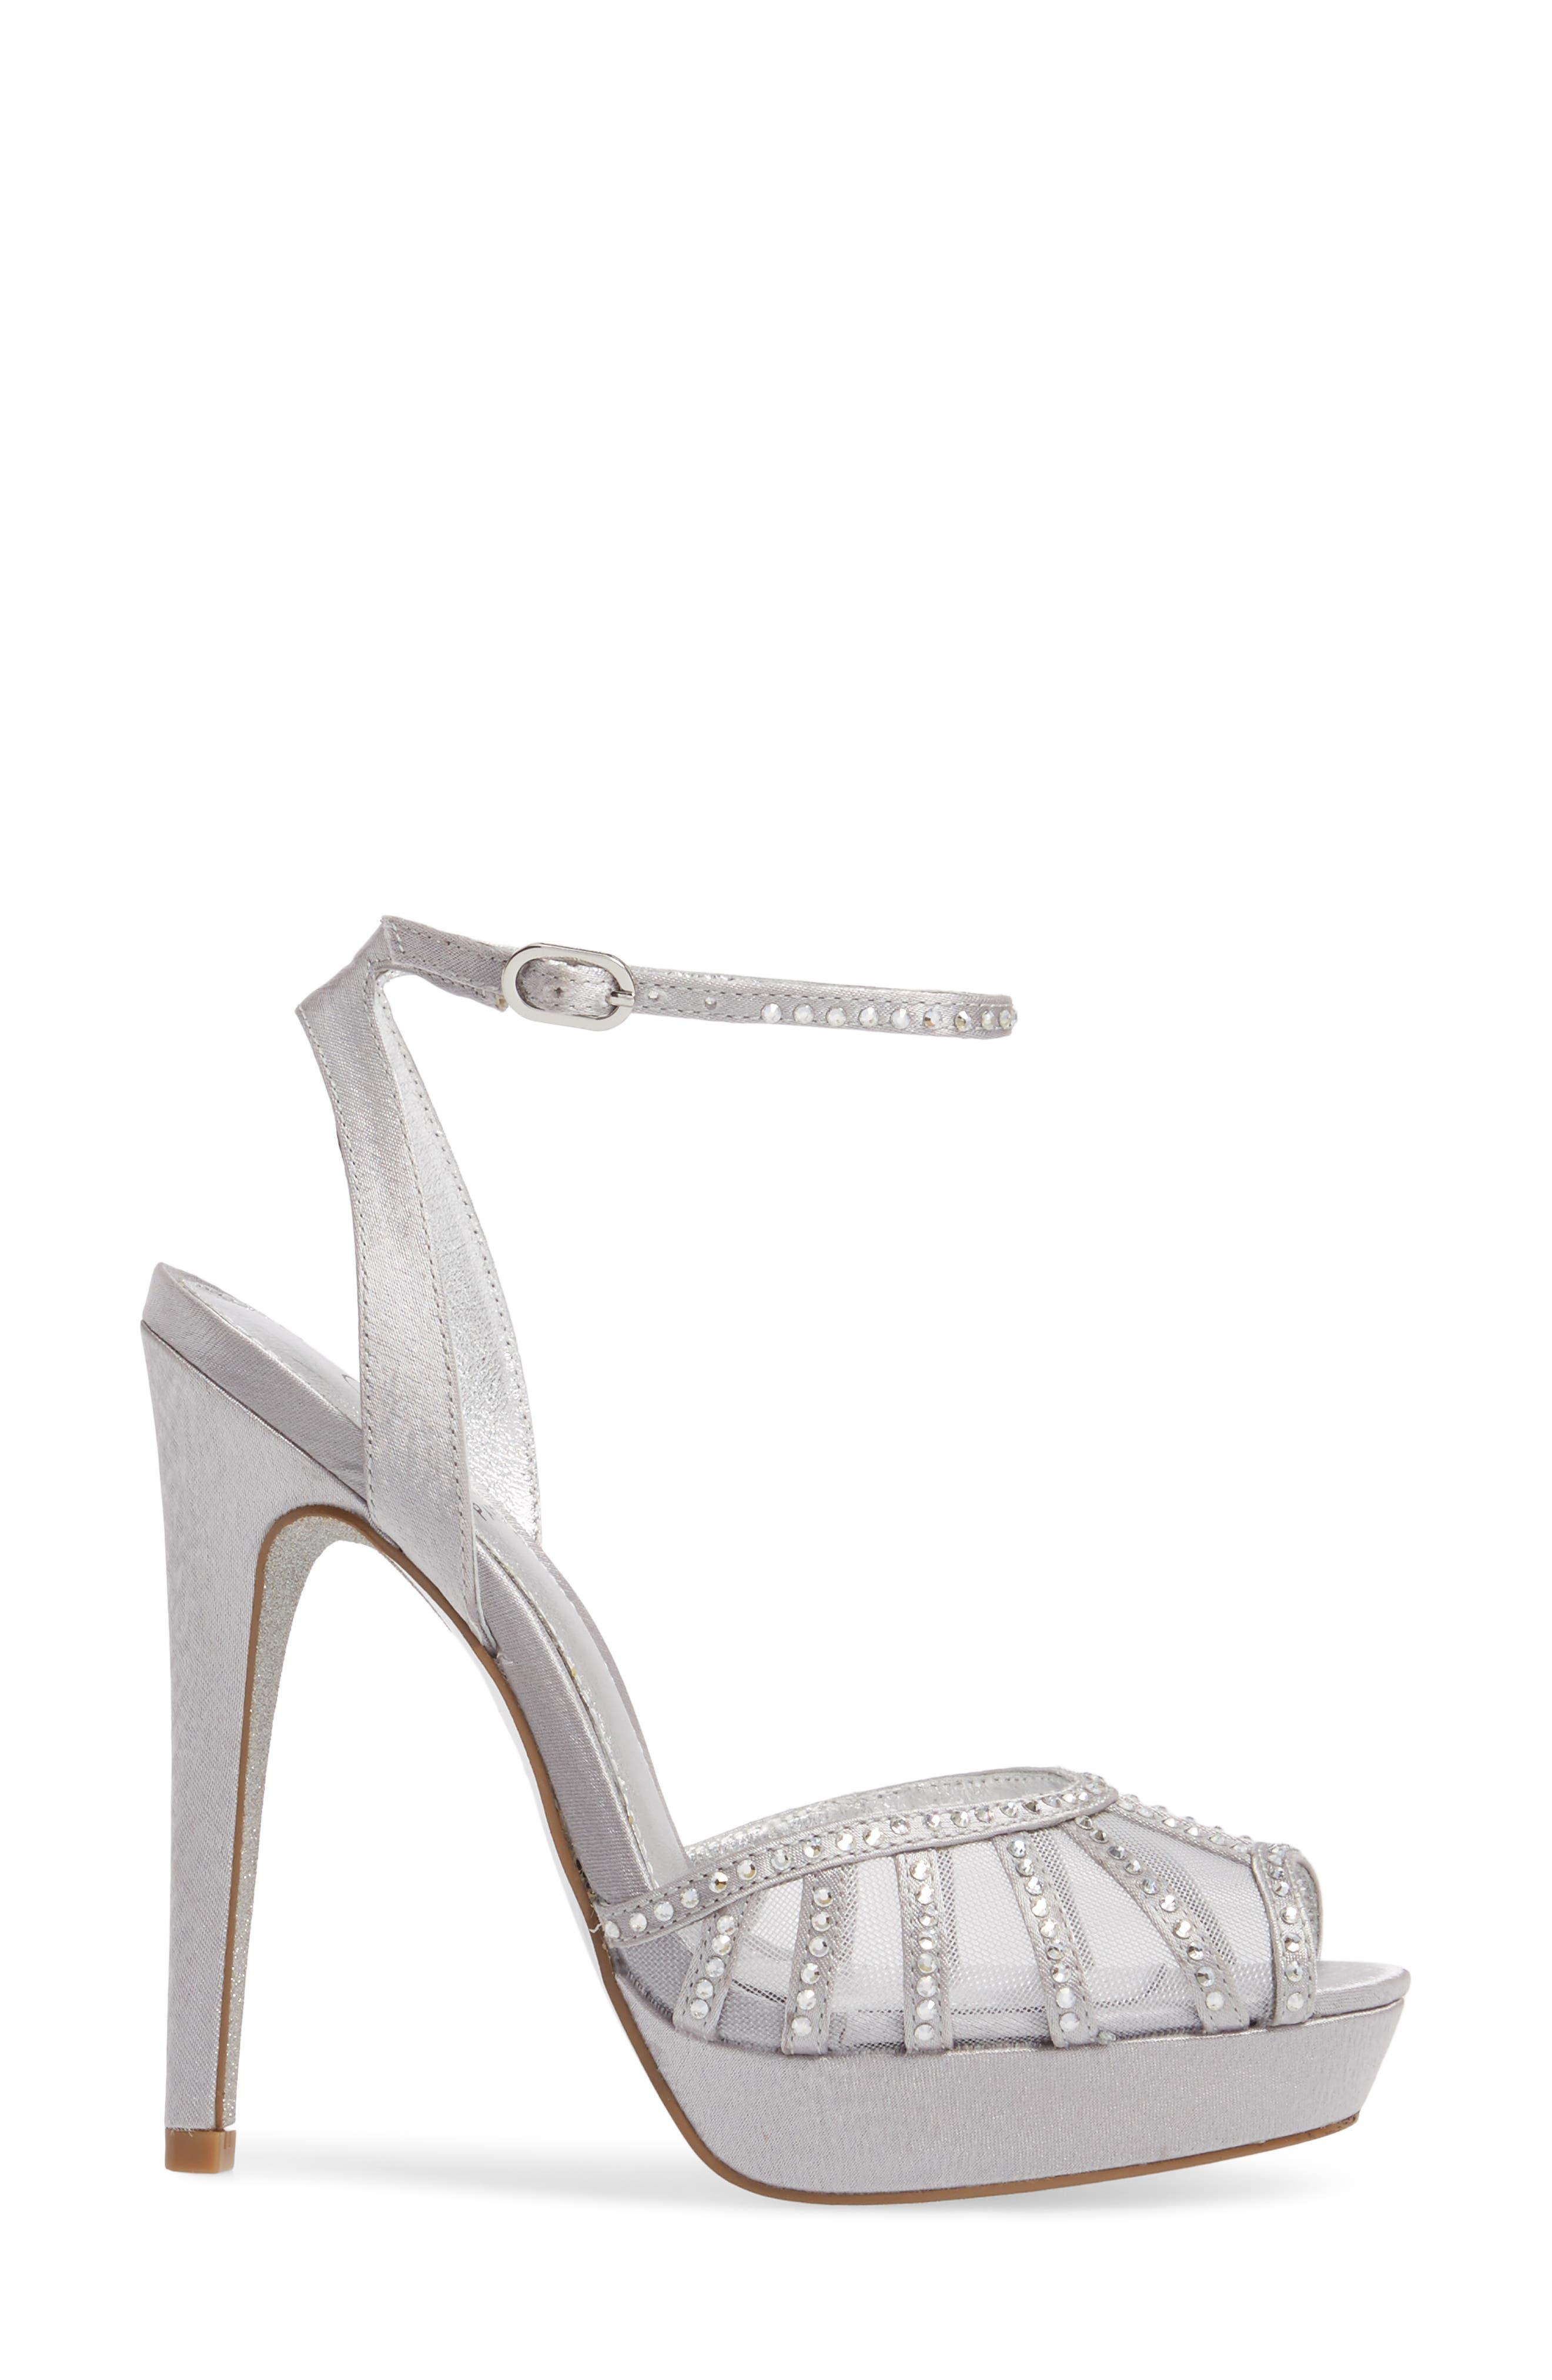 Simone Crystal Embellished Platform Sandal,                             Alternate thumbnail 10, color,